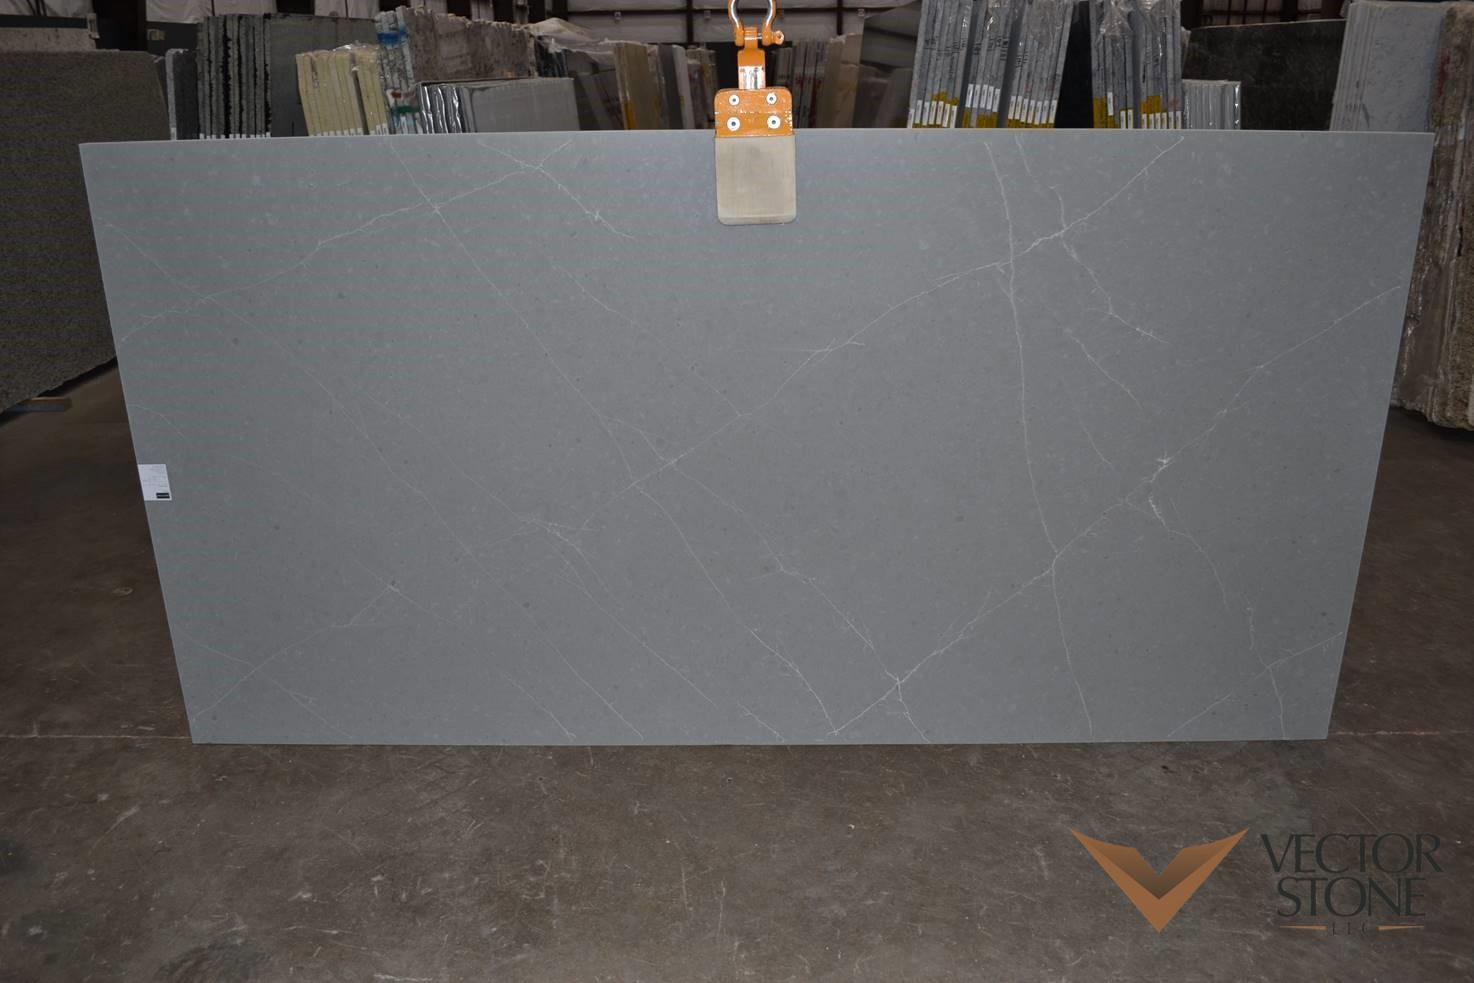 Vector Stone